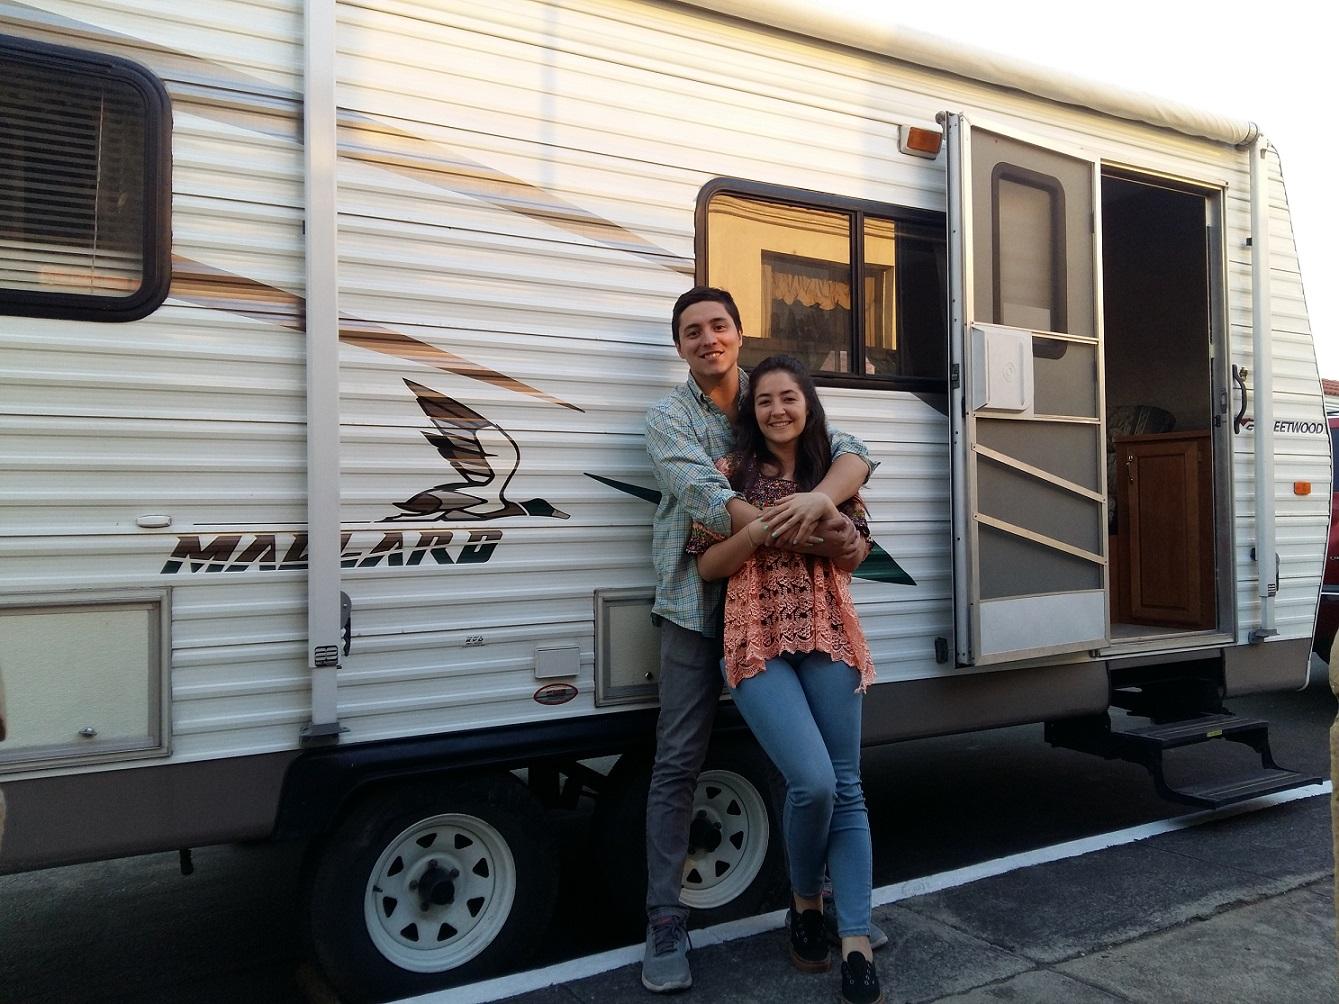 Juan José Mancio y Thelma Dávila recorrerán América en una casa rodante. (Foto Prensa Libre: Cortesía)